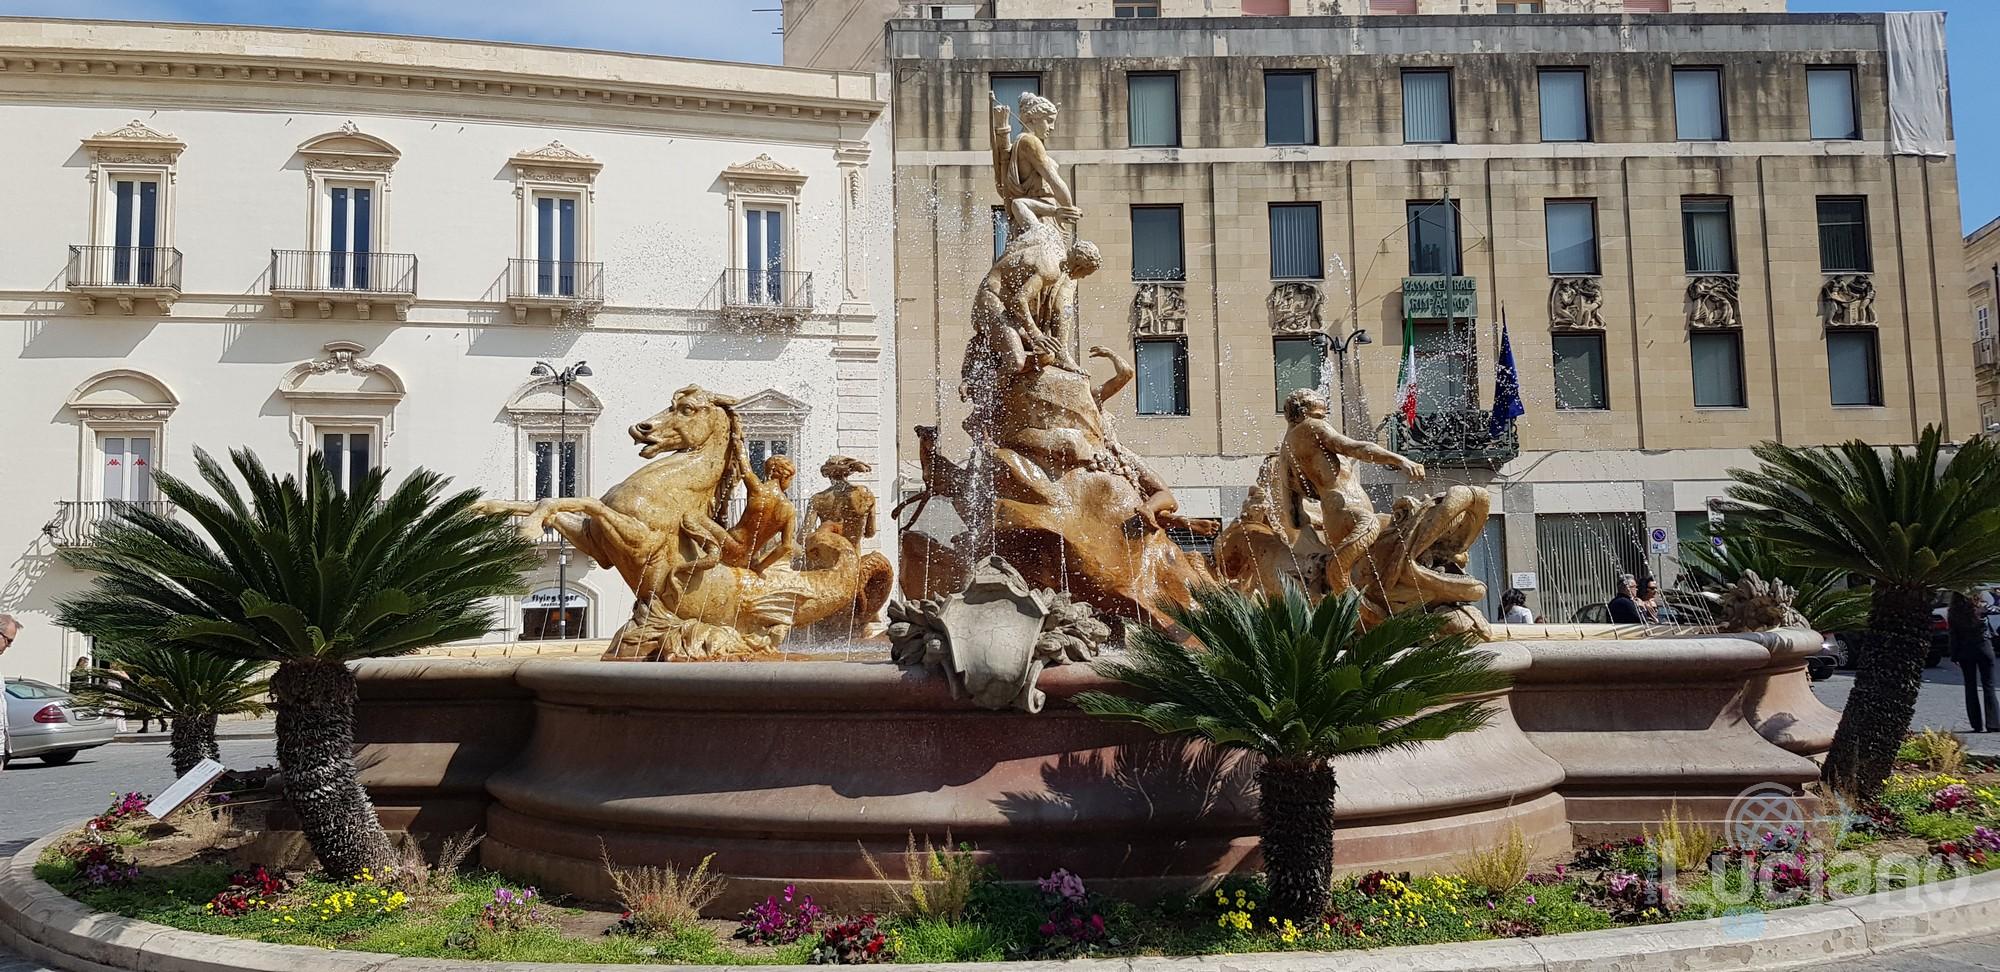 Siracusa - Piazza Archimede - Fontana di Diana - Ortigia